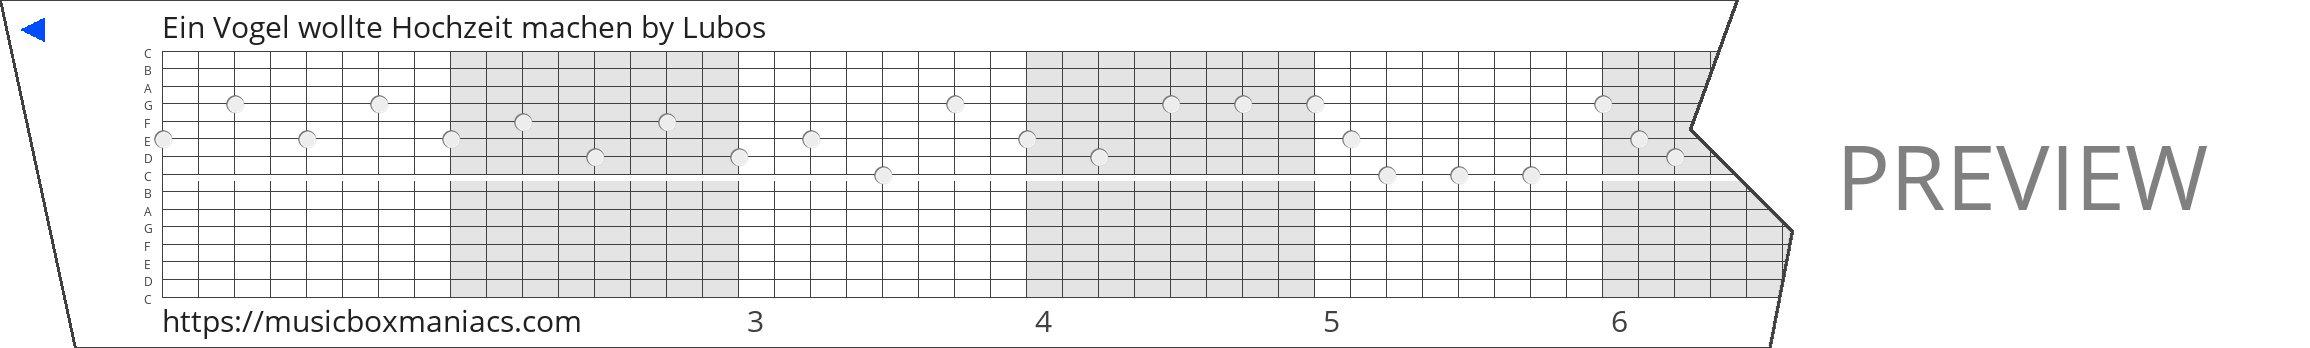 Ein Vogel wollte Hochzeit machen 15 note music box paper strip